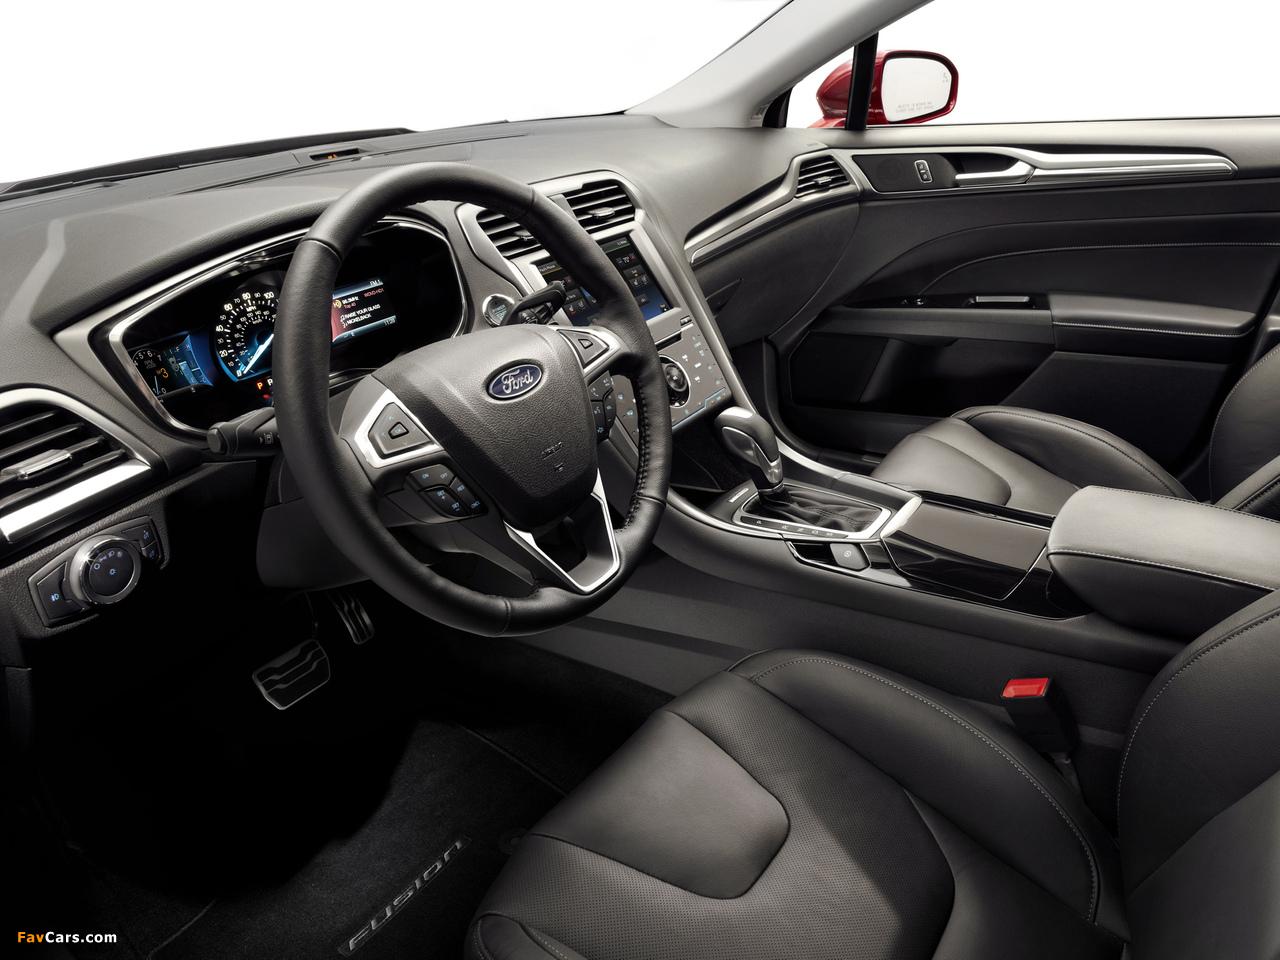 Ford Fusion Titanium 2012 images (1280 x 960)